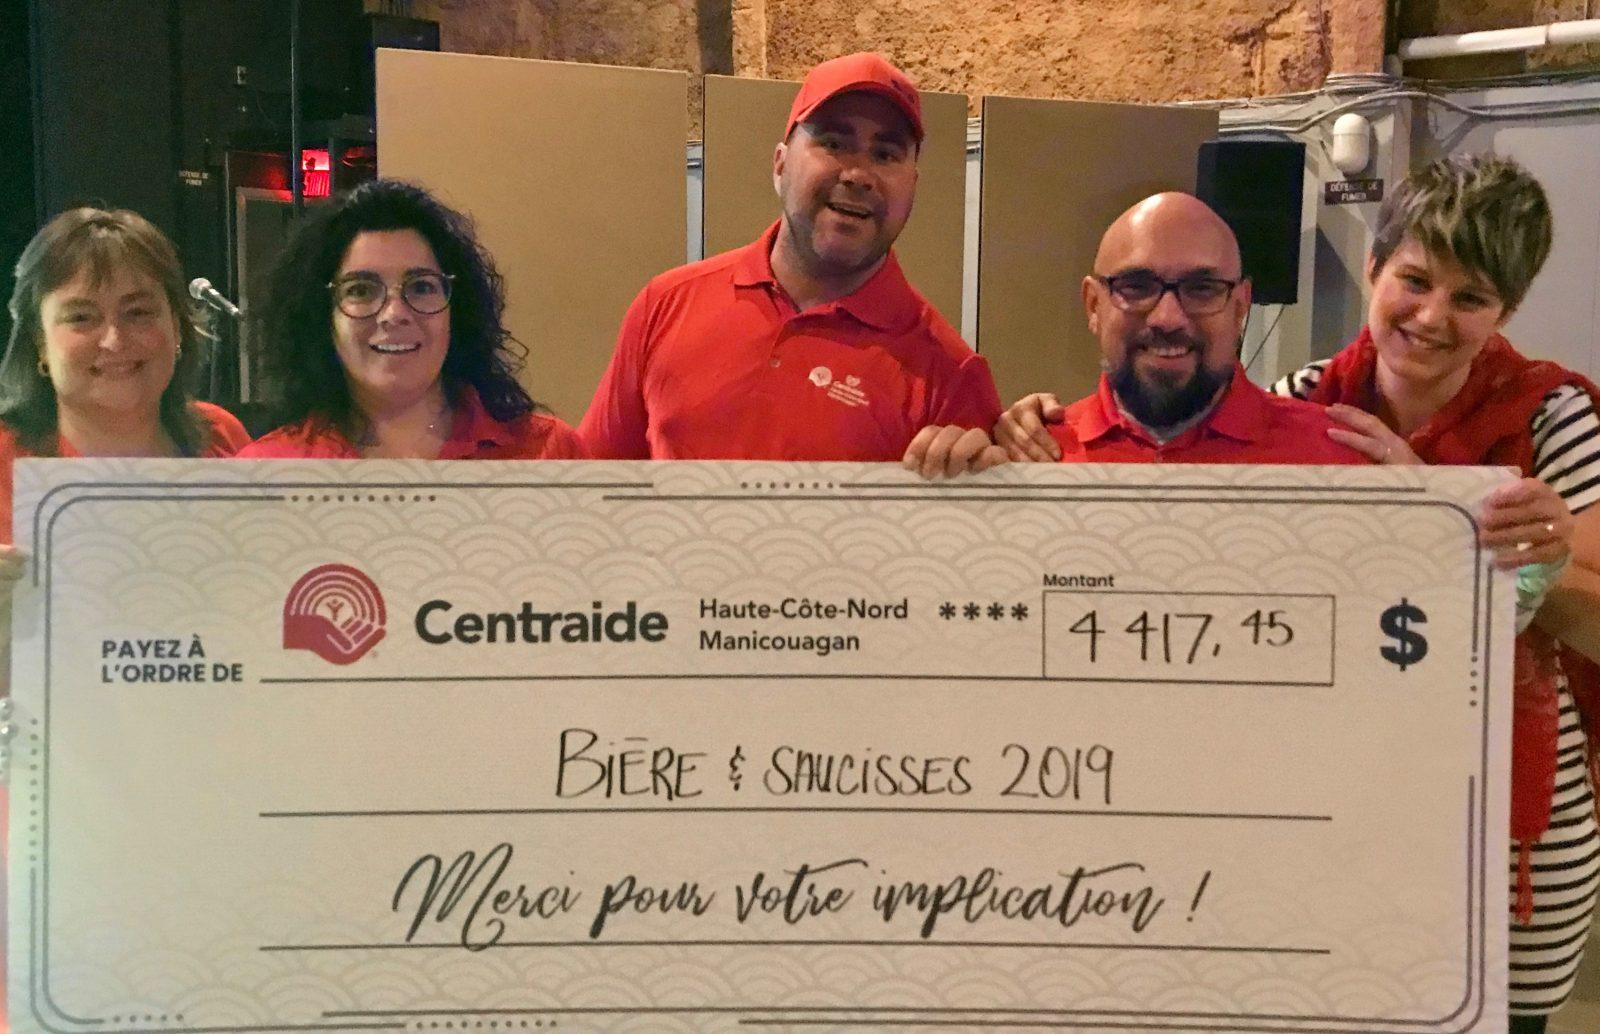 Plus de 4 000 $ pour le Bière et saucisses de Centraide